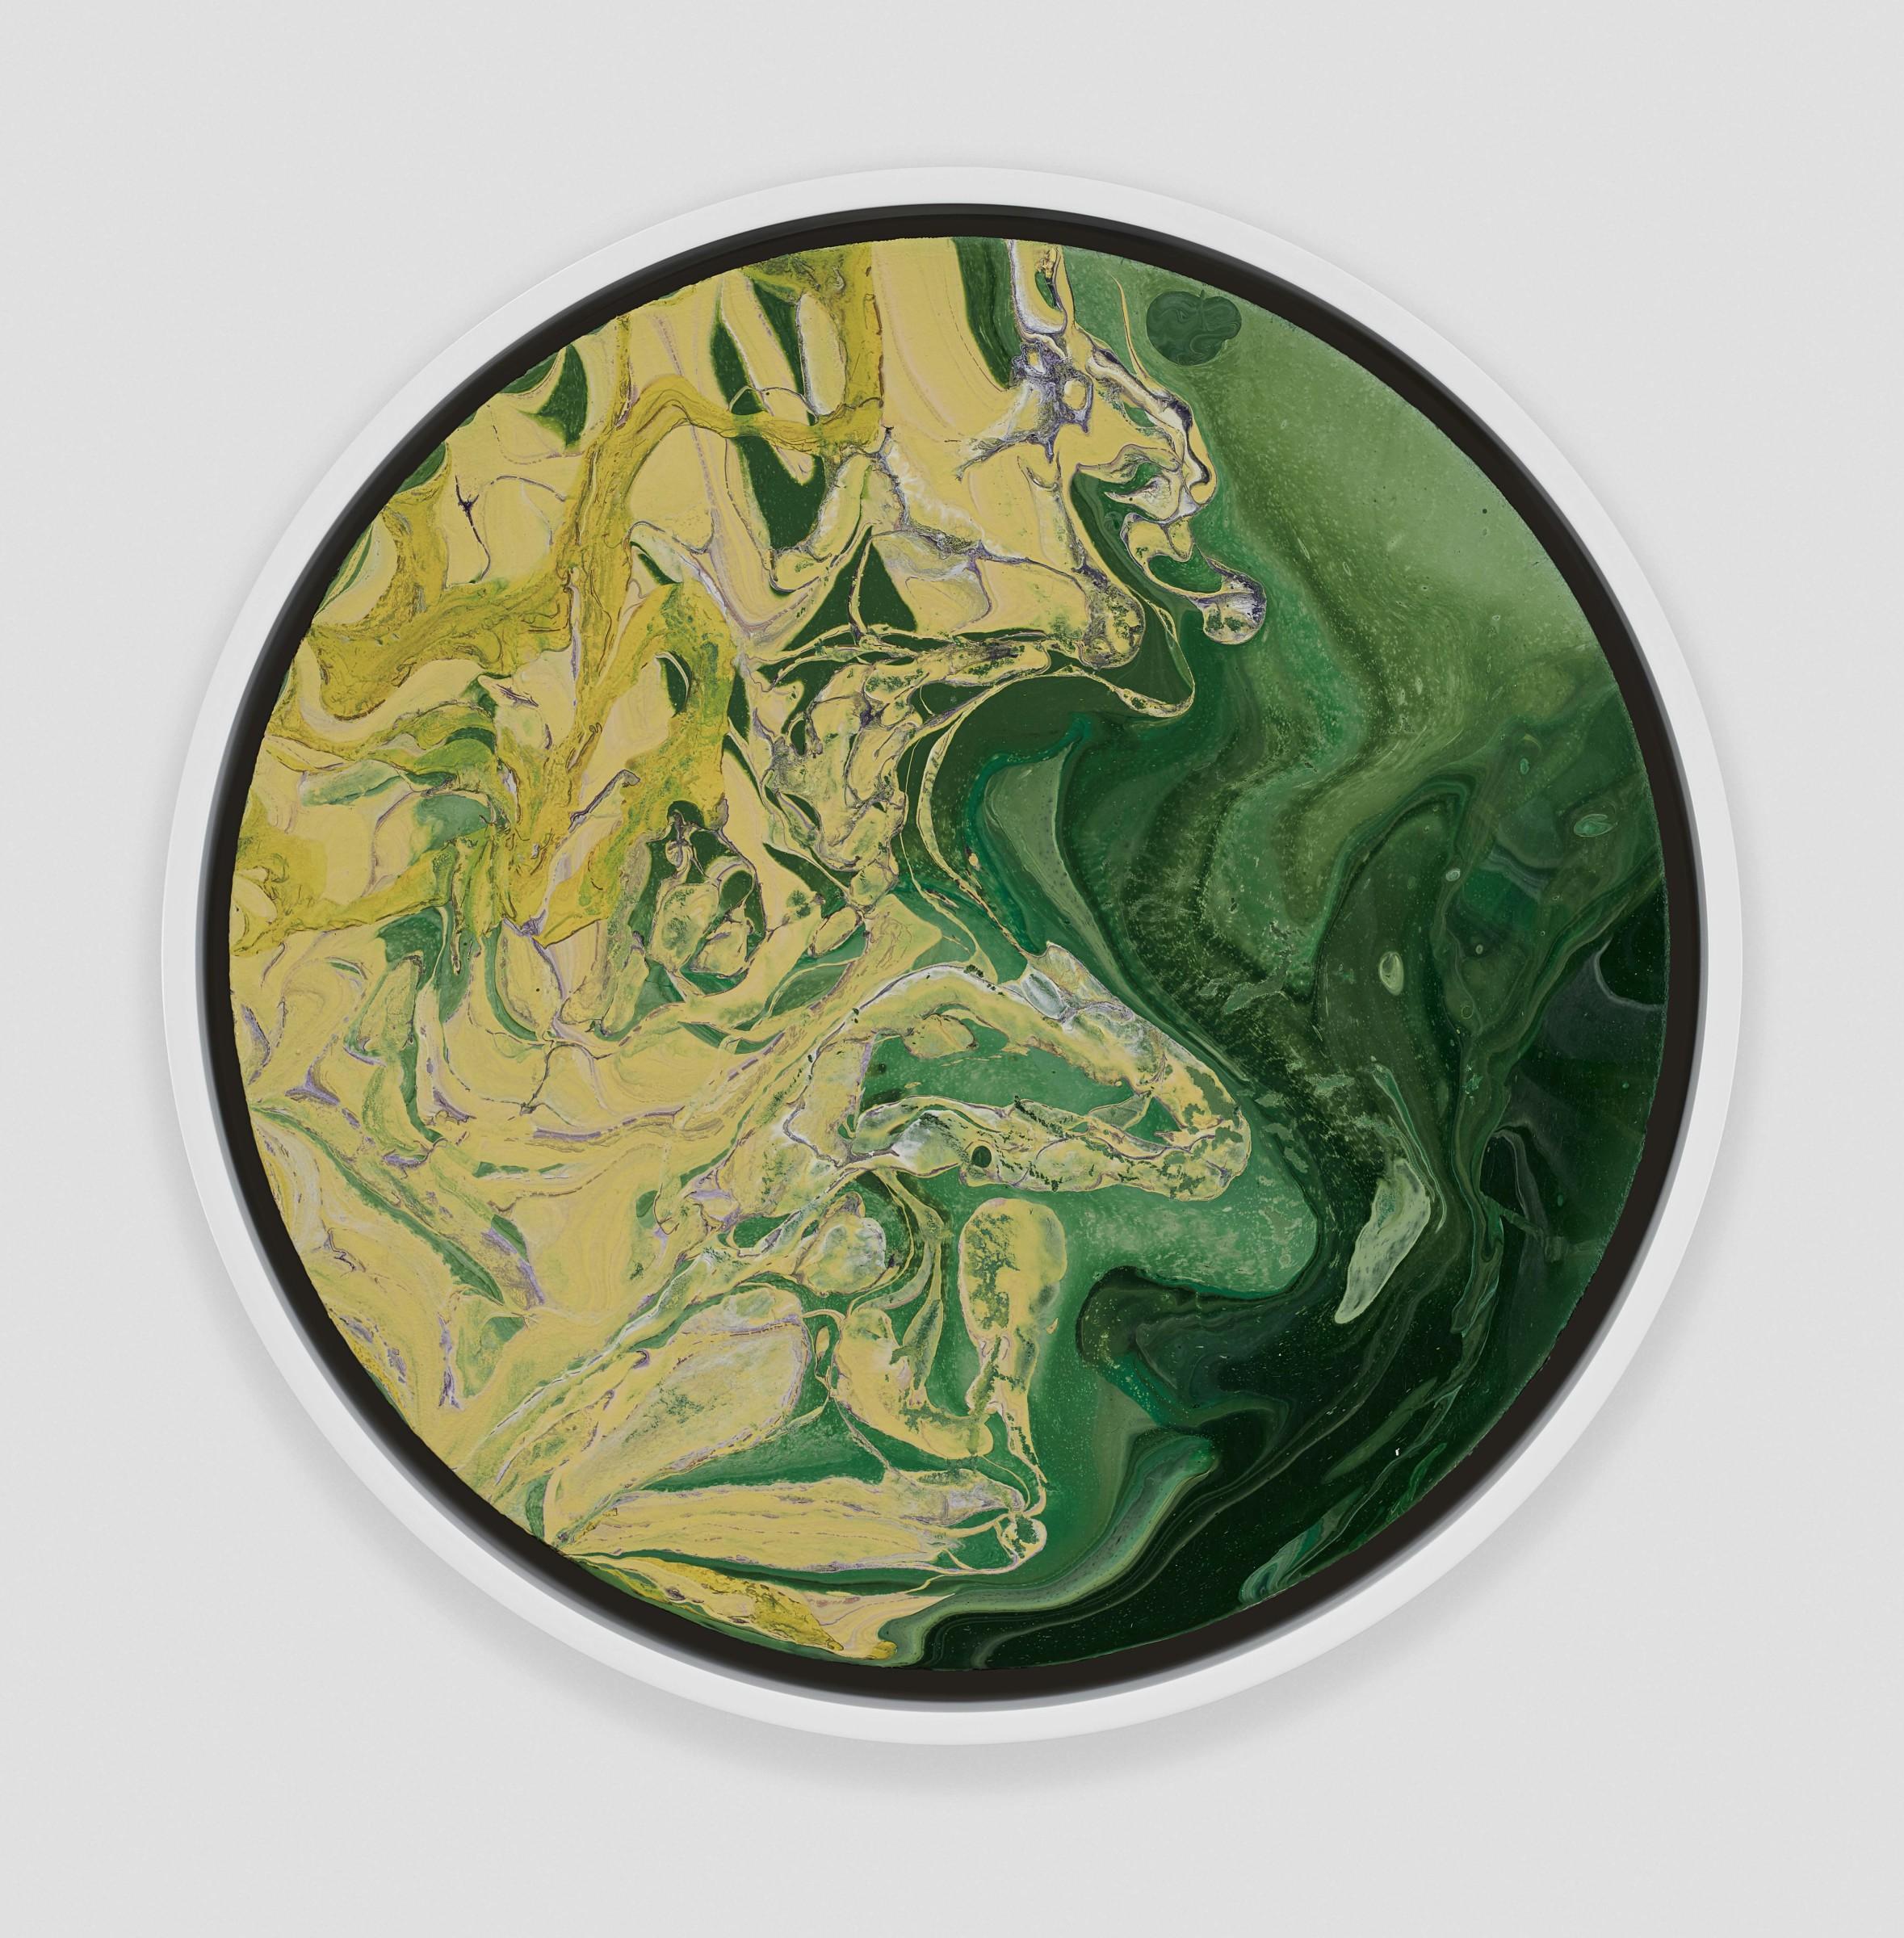 <span class=&#34;link fancybox-details-link&#34;><a href=&#34;/artists/66-elsa-duault/works/4918-elsa-duault-the-dancing-plants-2017/&#34;>View Detail Page</a></span><div class=&#34;artist&#34;><strong>Elsa Duault</strong></div> 1992  <div class=&#34;title&#34;><em>The dancing plants</em>, 2017</div> <div class=&#34;medium&#34;>Acrylic on canvas</div> <div class=&#34;dimensions&#34;>40cm diameter<br /> </div><div class=&#34;copyright_line&#34;>Copyright The Artist</div>